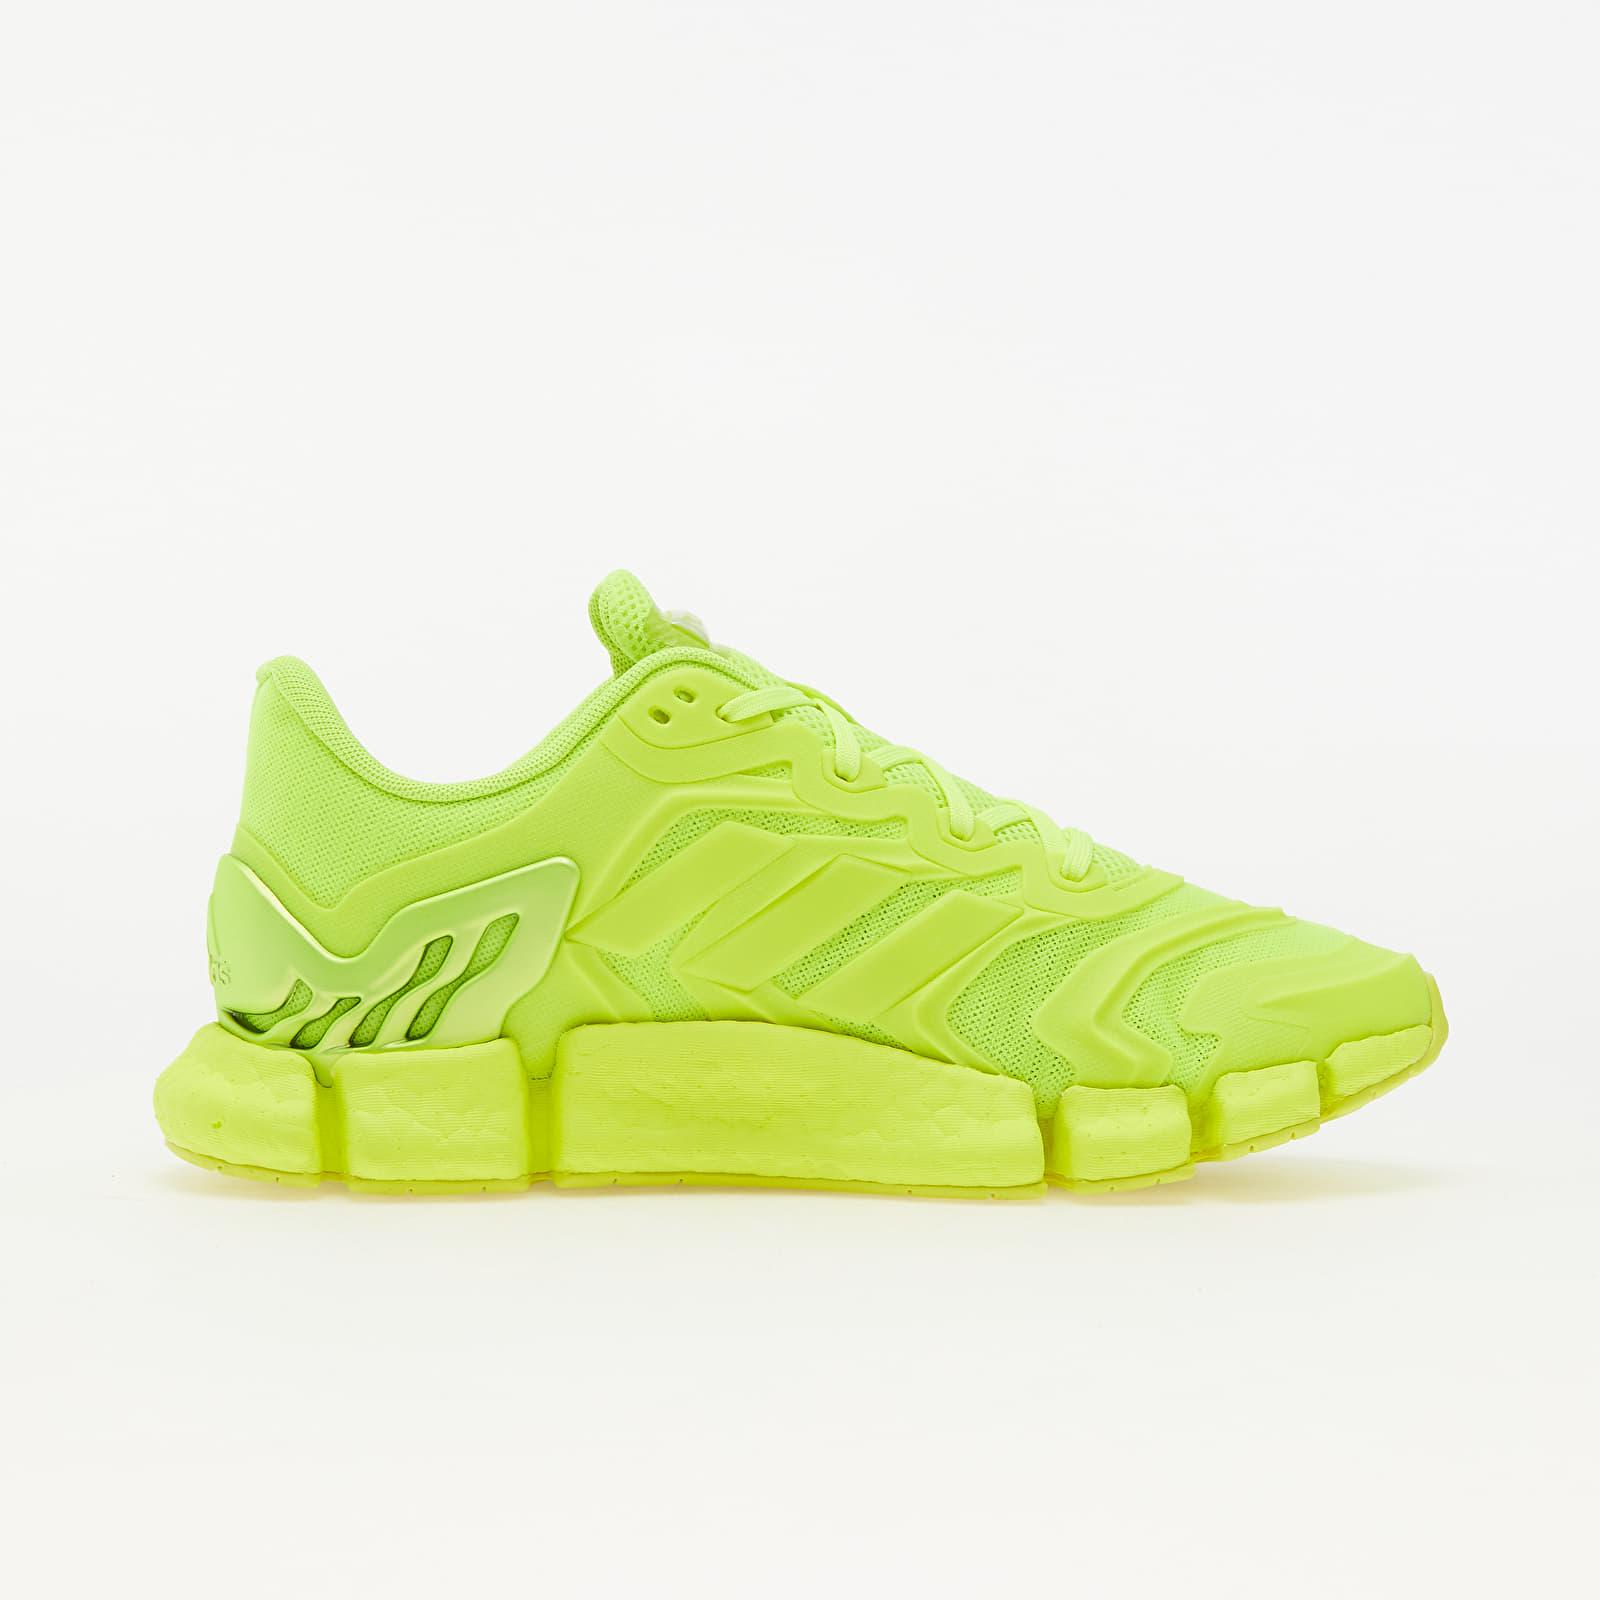 adidas Climacool Vento Solar Yellow/ Solar Yellow/ Core Black | Footshop